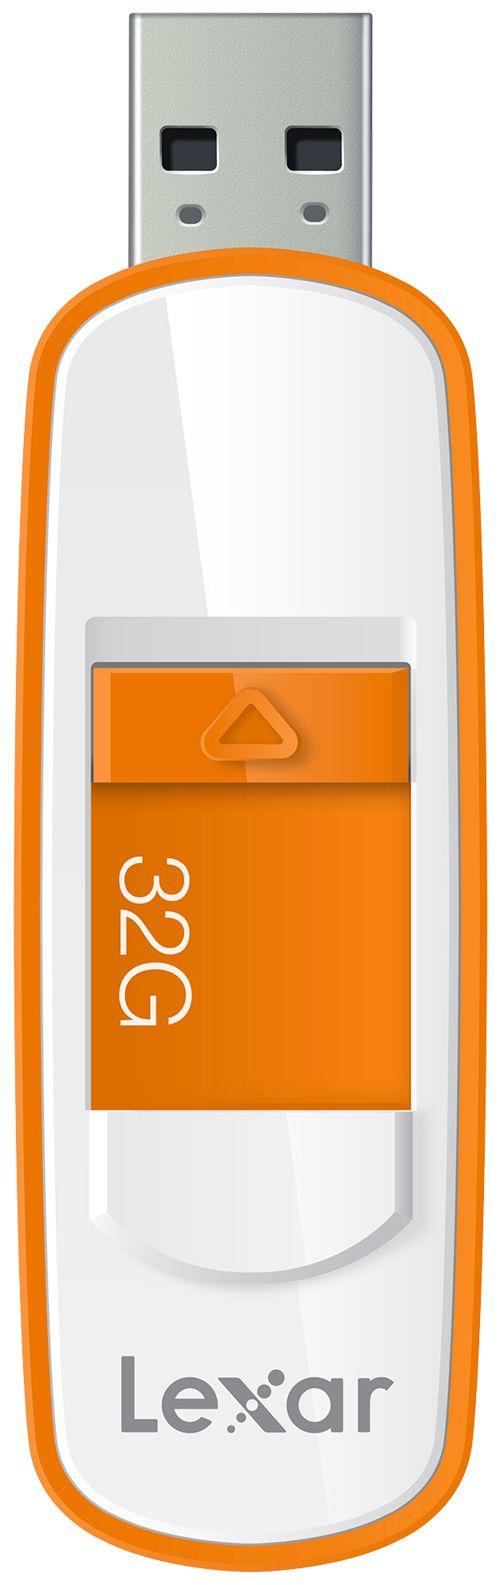 [TABLOÏD SEPTEMBRE 2015] Clé USB 3.0, S75 : Une clé rétractable avec stockage et transfert de contenu plus rapide grâce à la technologie SuperSpeed USB 3.0.  Capacités de 16 à 256 Go. A | RÉF. LJDS75-32GABEU - 32 GO http://www.exertisbanquemagnetique.fr/info-marque/lexar